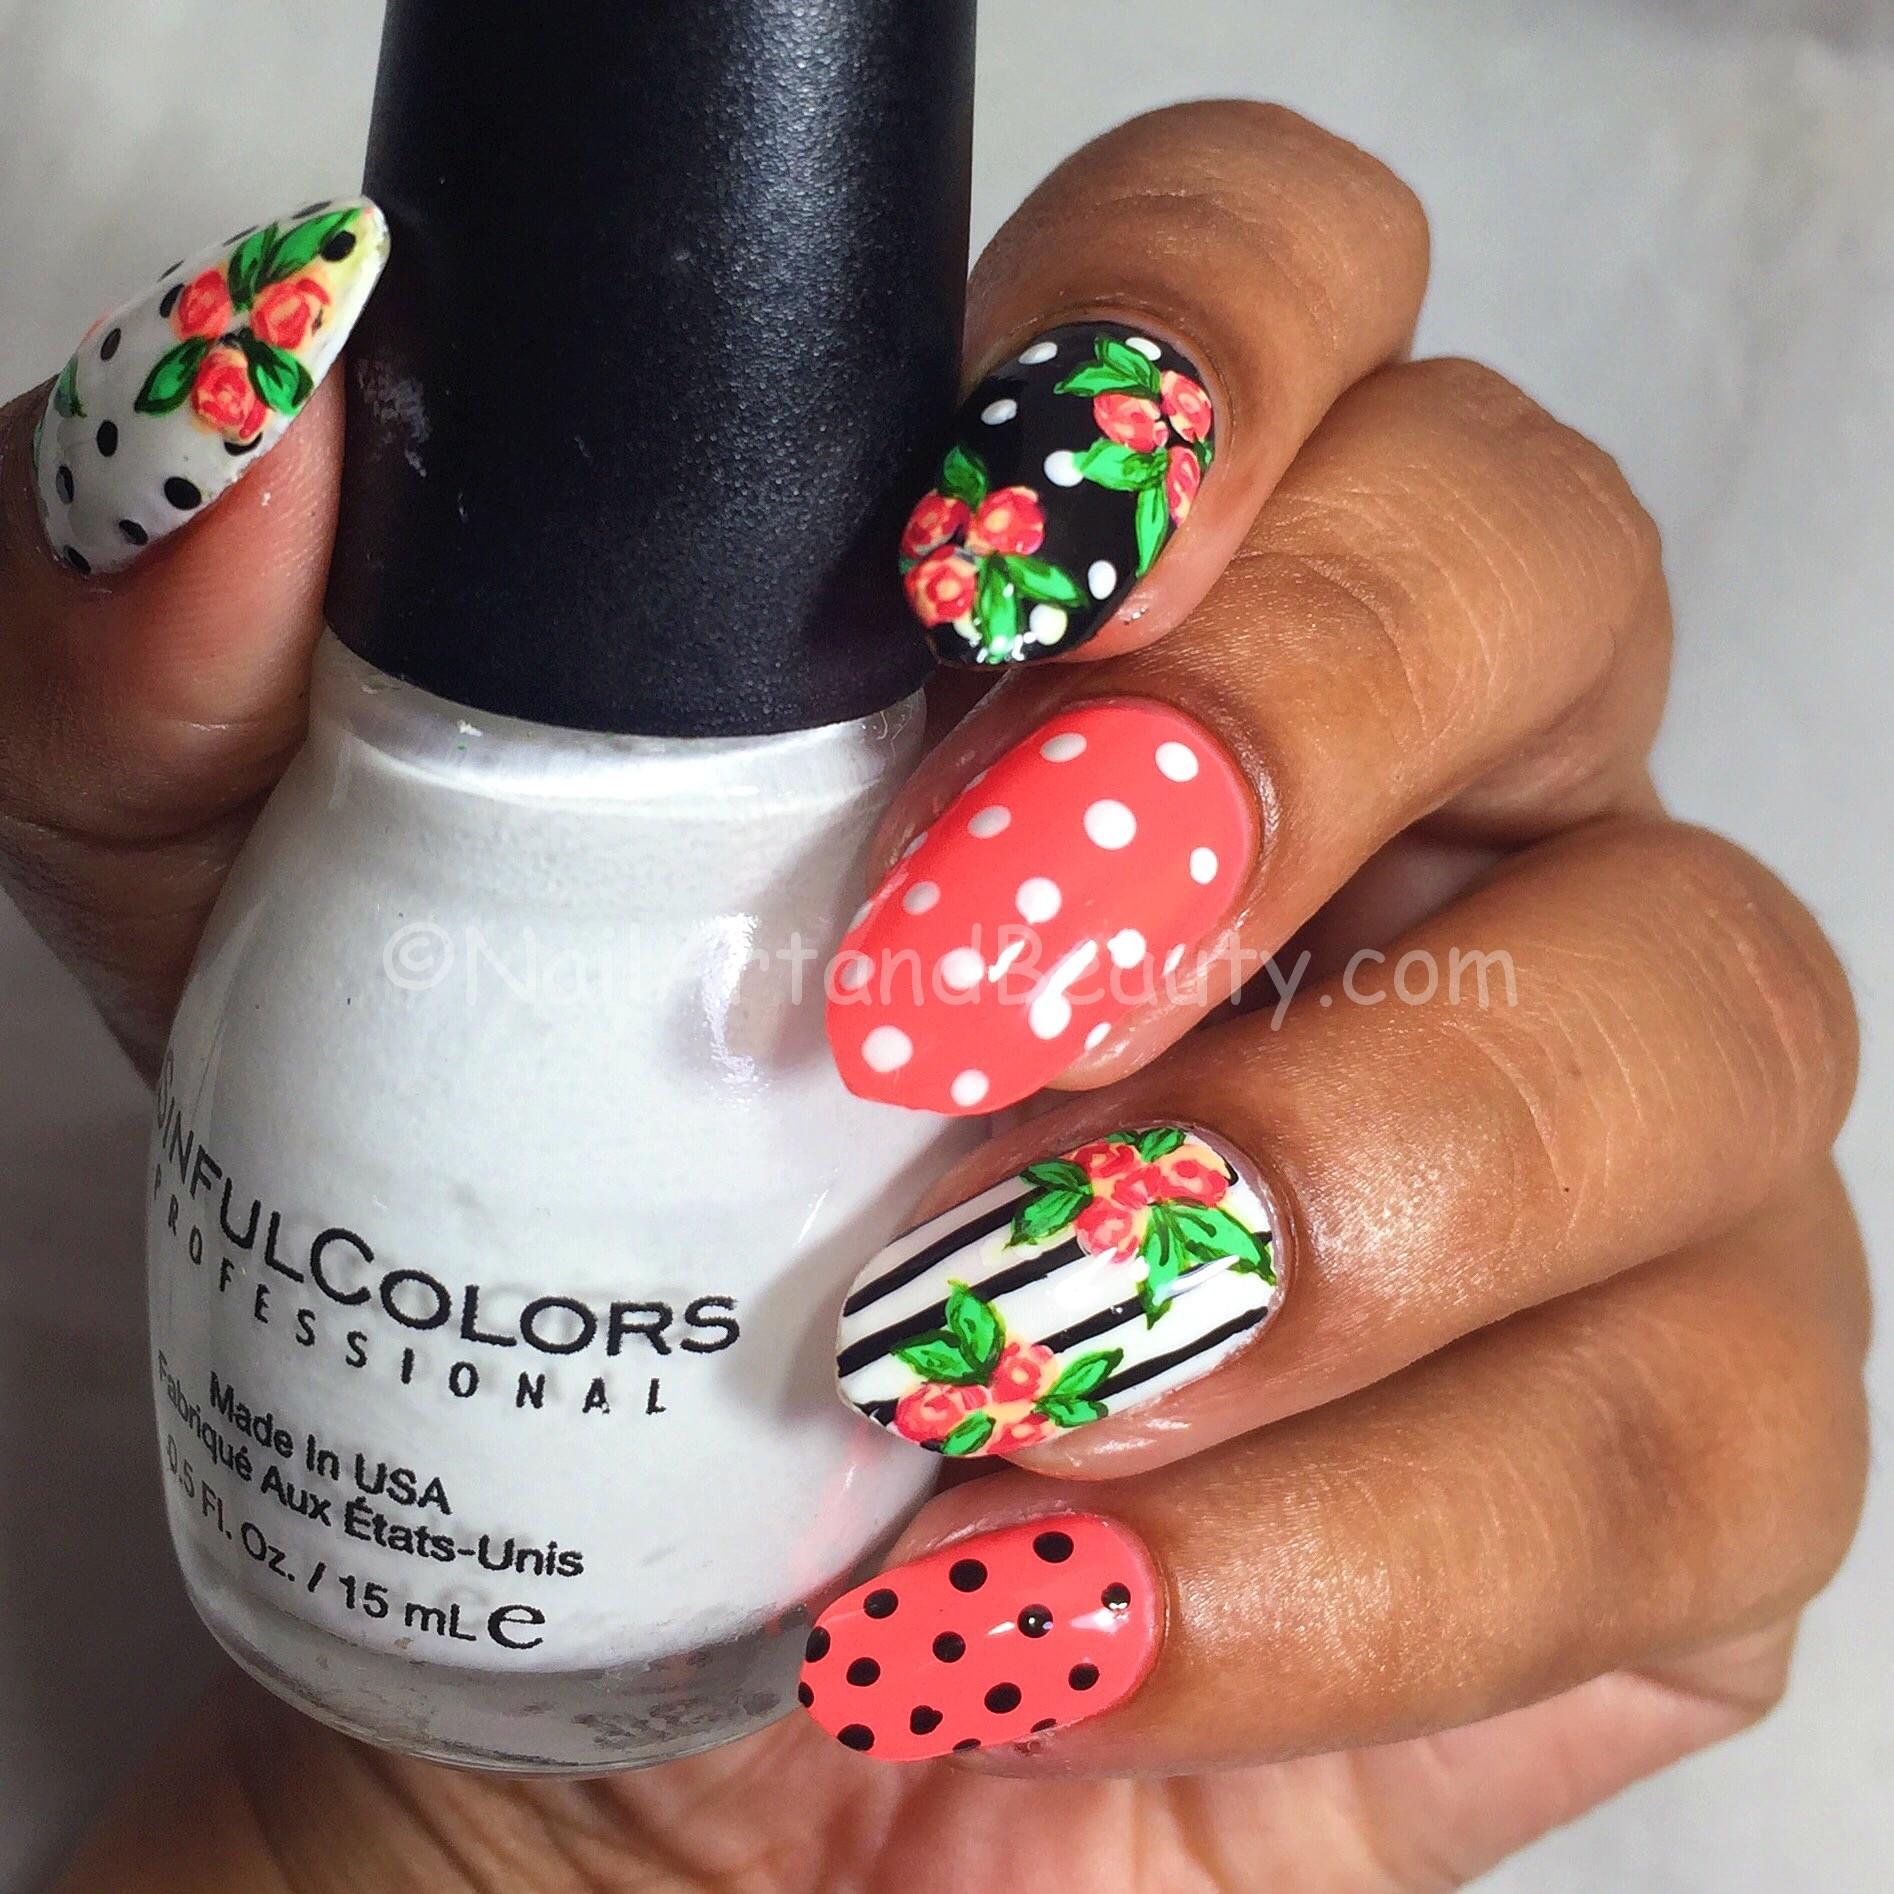 Polka Dot and Florals Mani